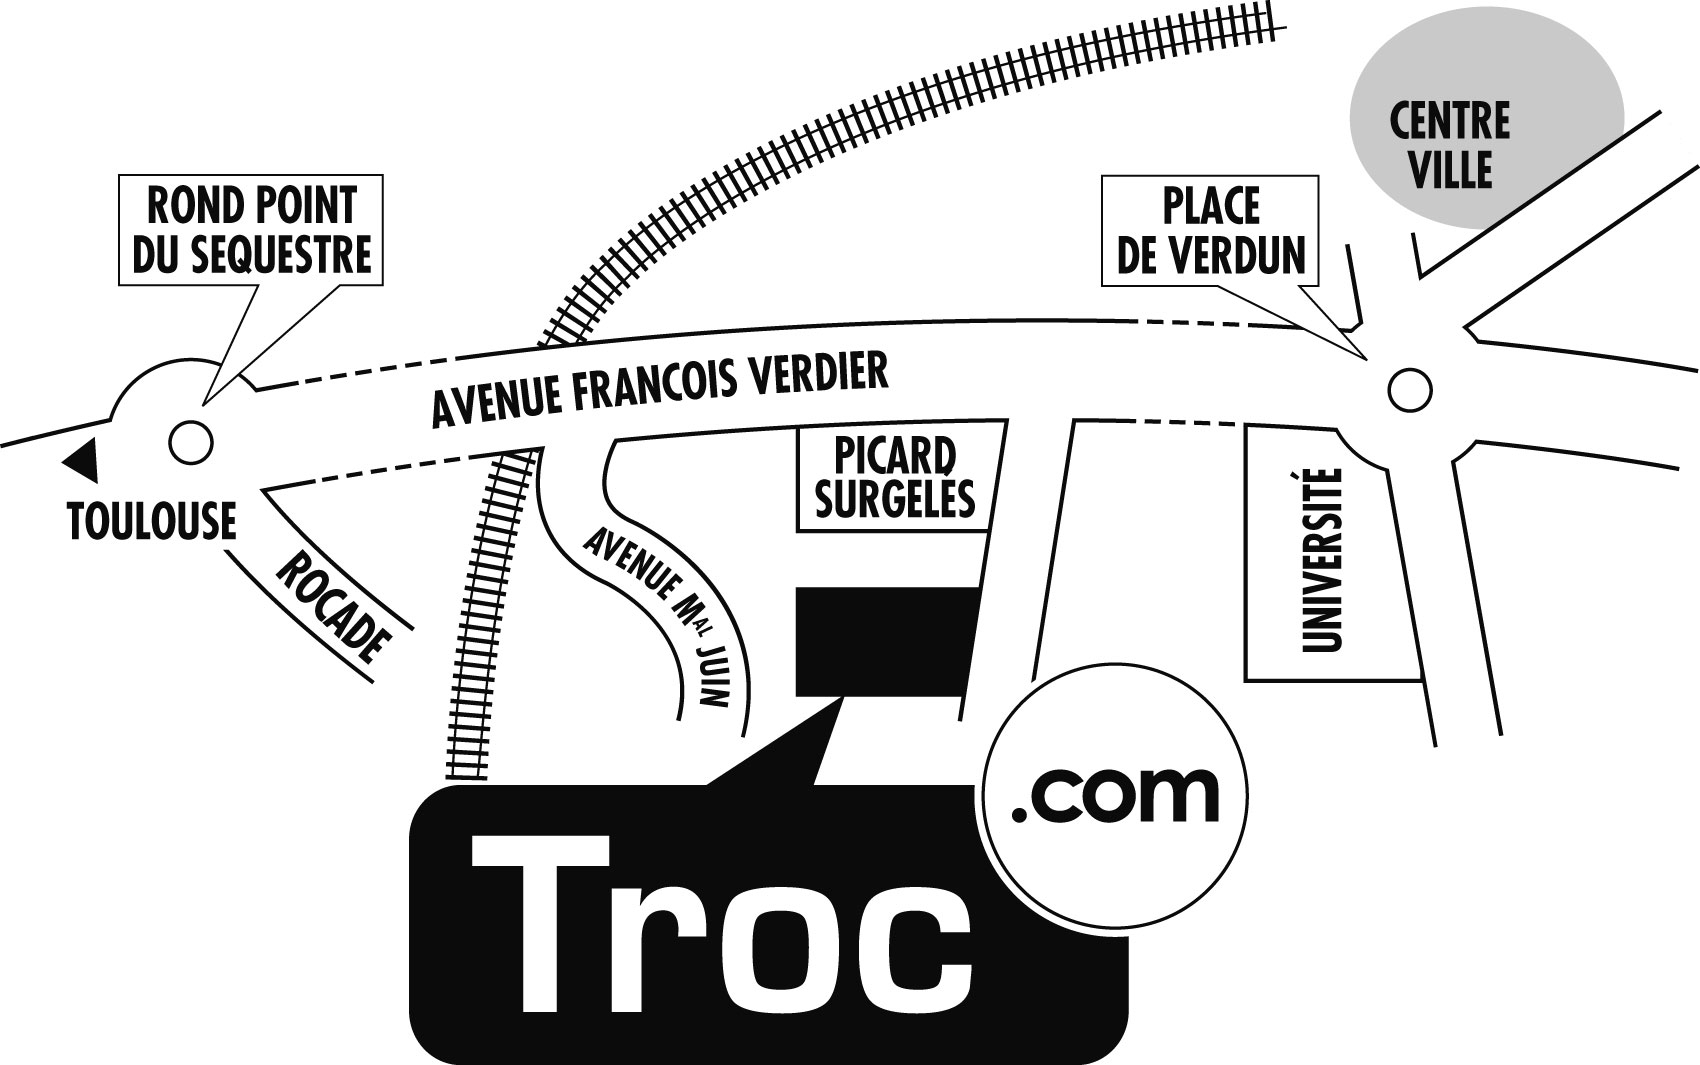 D p t vente albi magasin troc - Depot vente poitiers ...